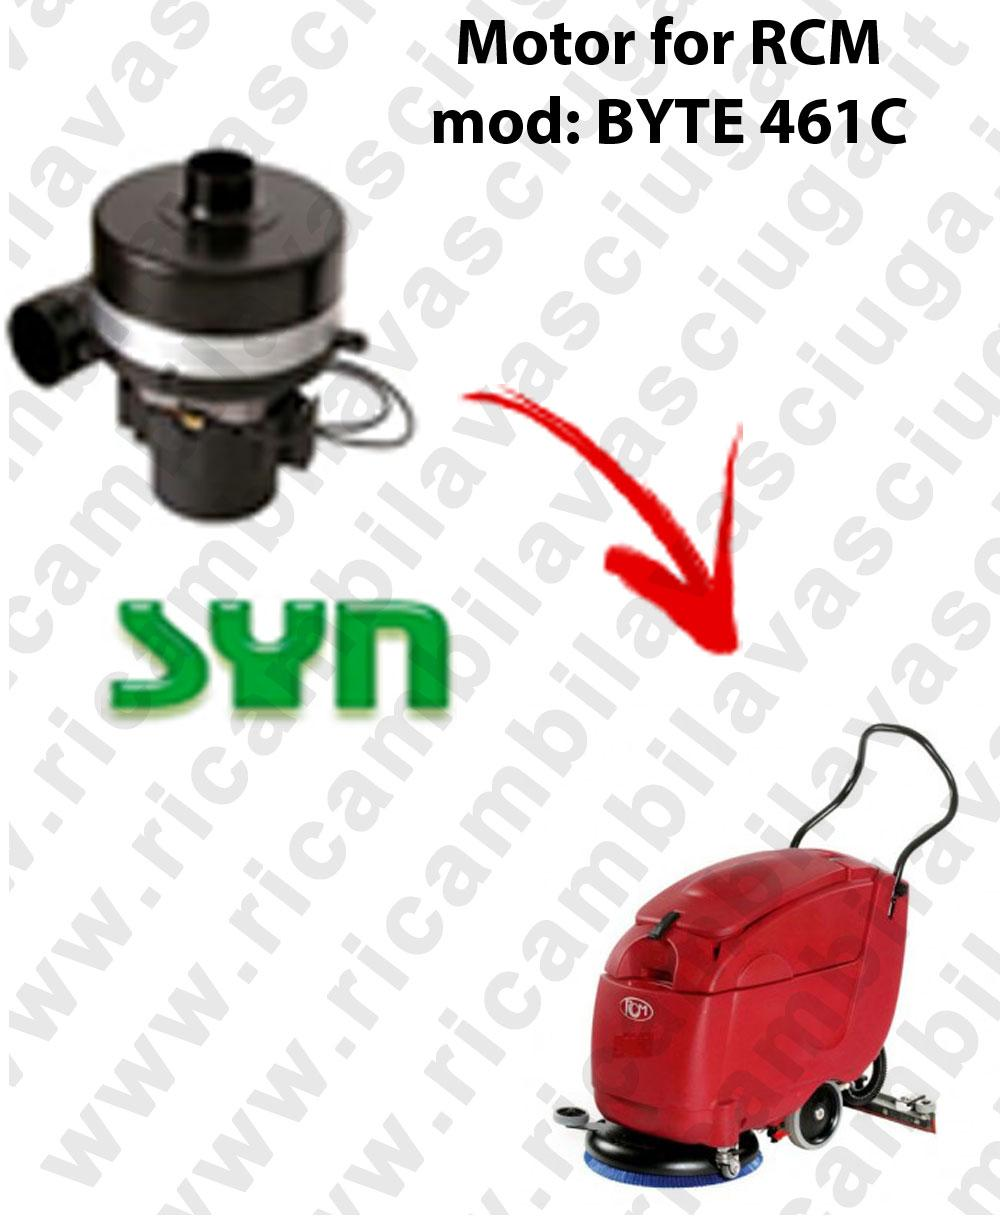 Valida 66 E Motore Syn Aspirazione Scrubber Dryer Fimap